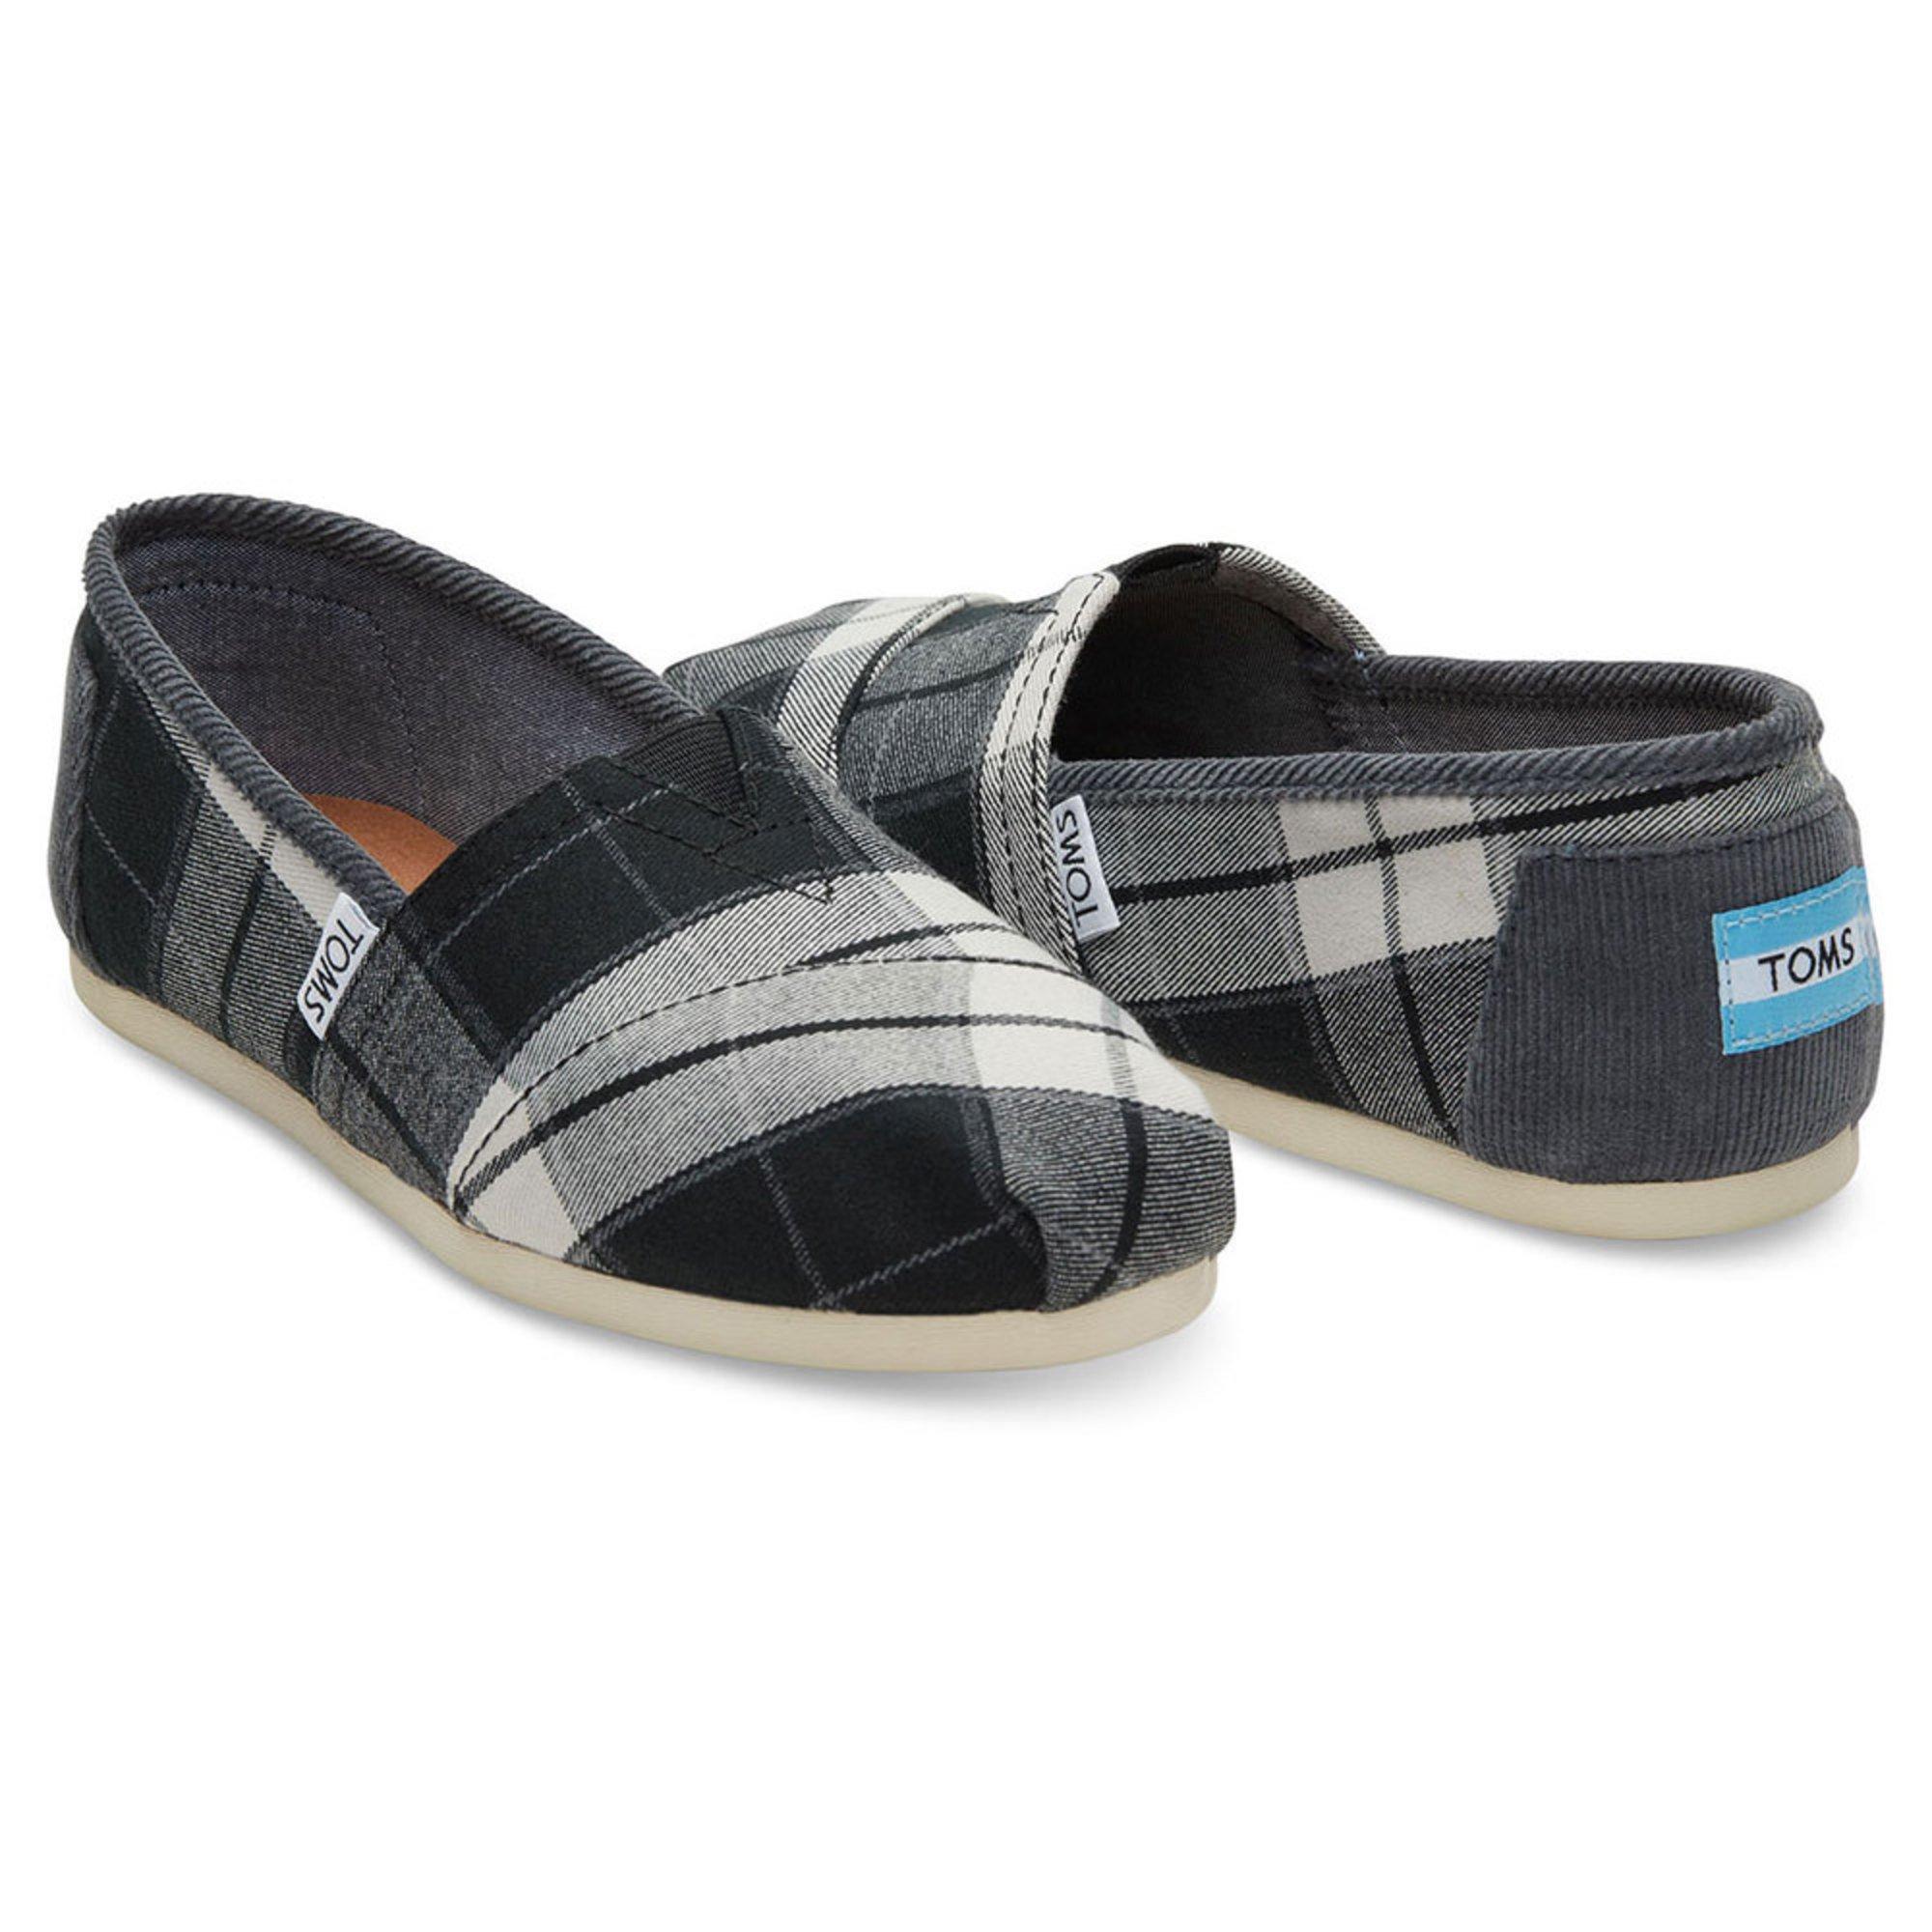 toms classic alpergata s slip on shoe black white